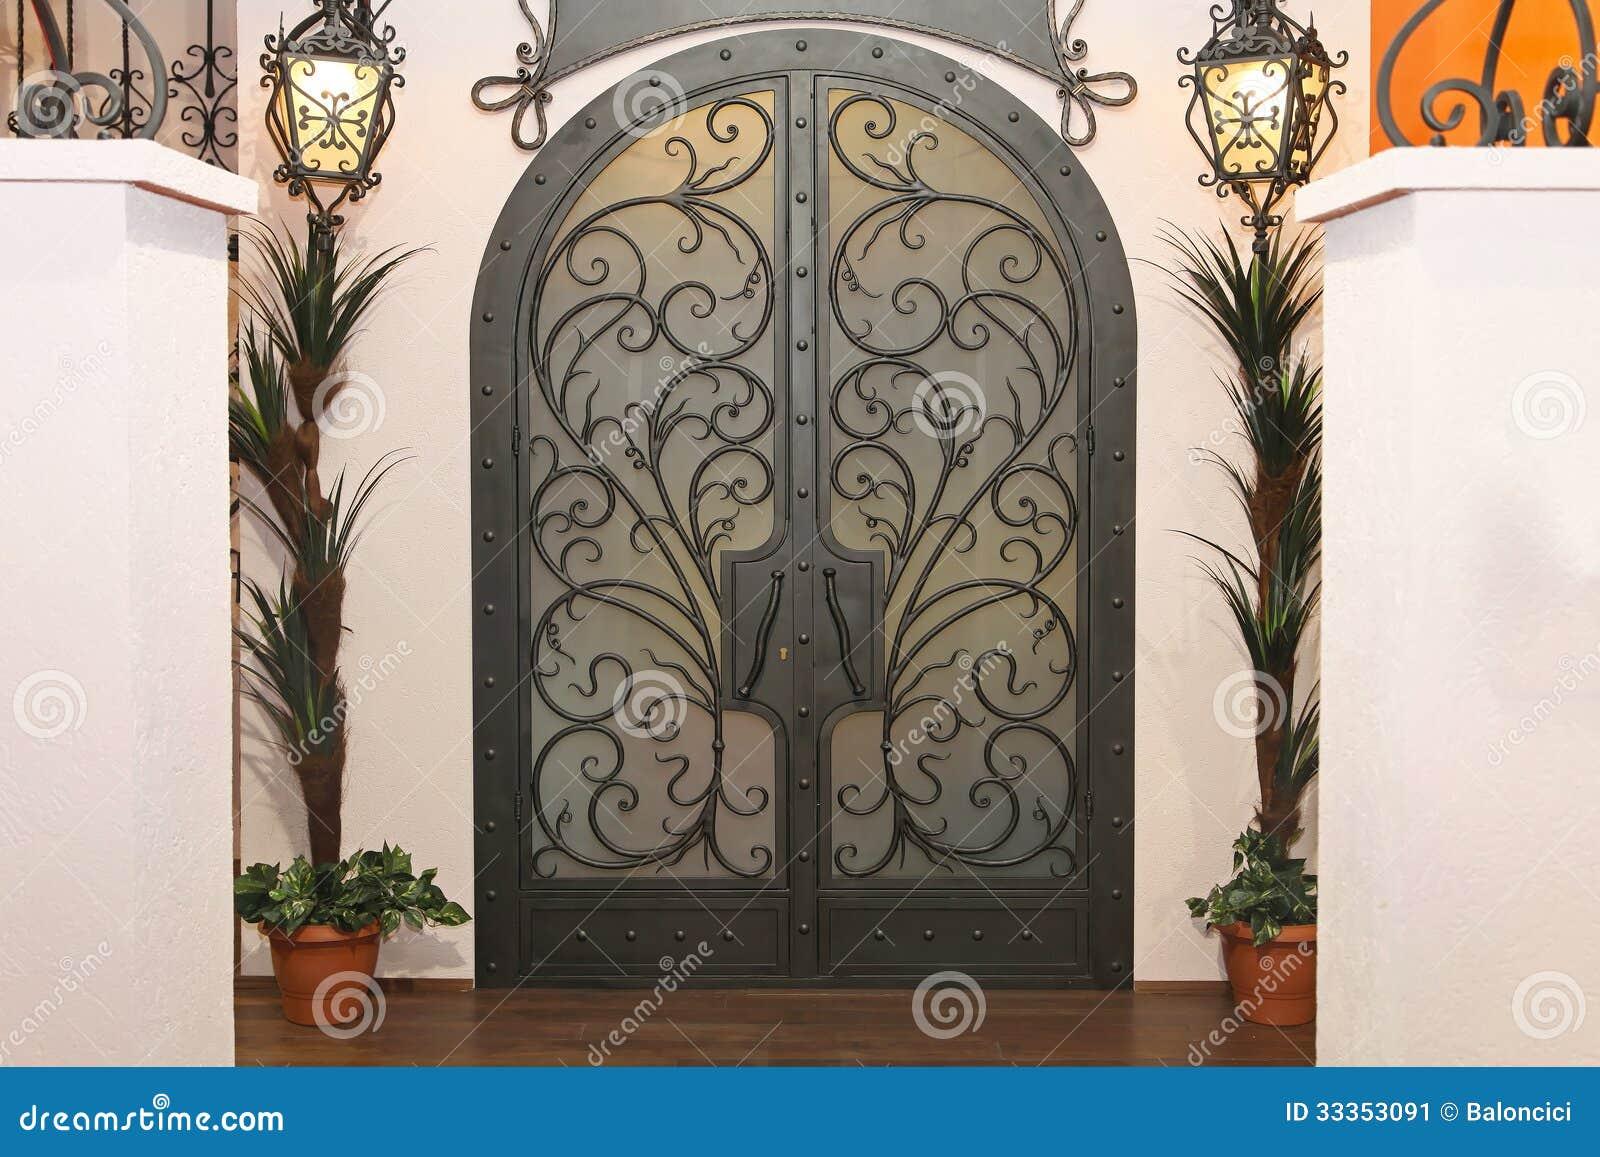 Arcos De Madera Para Puertas Good Arcos De Madera Para Puertas Good